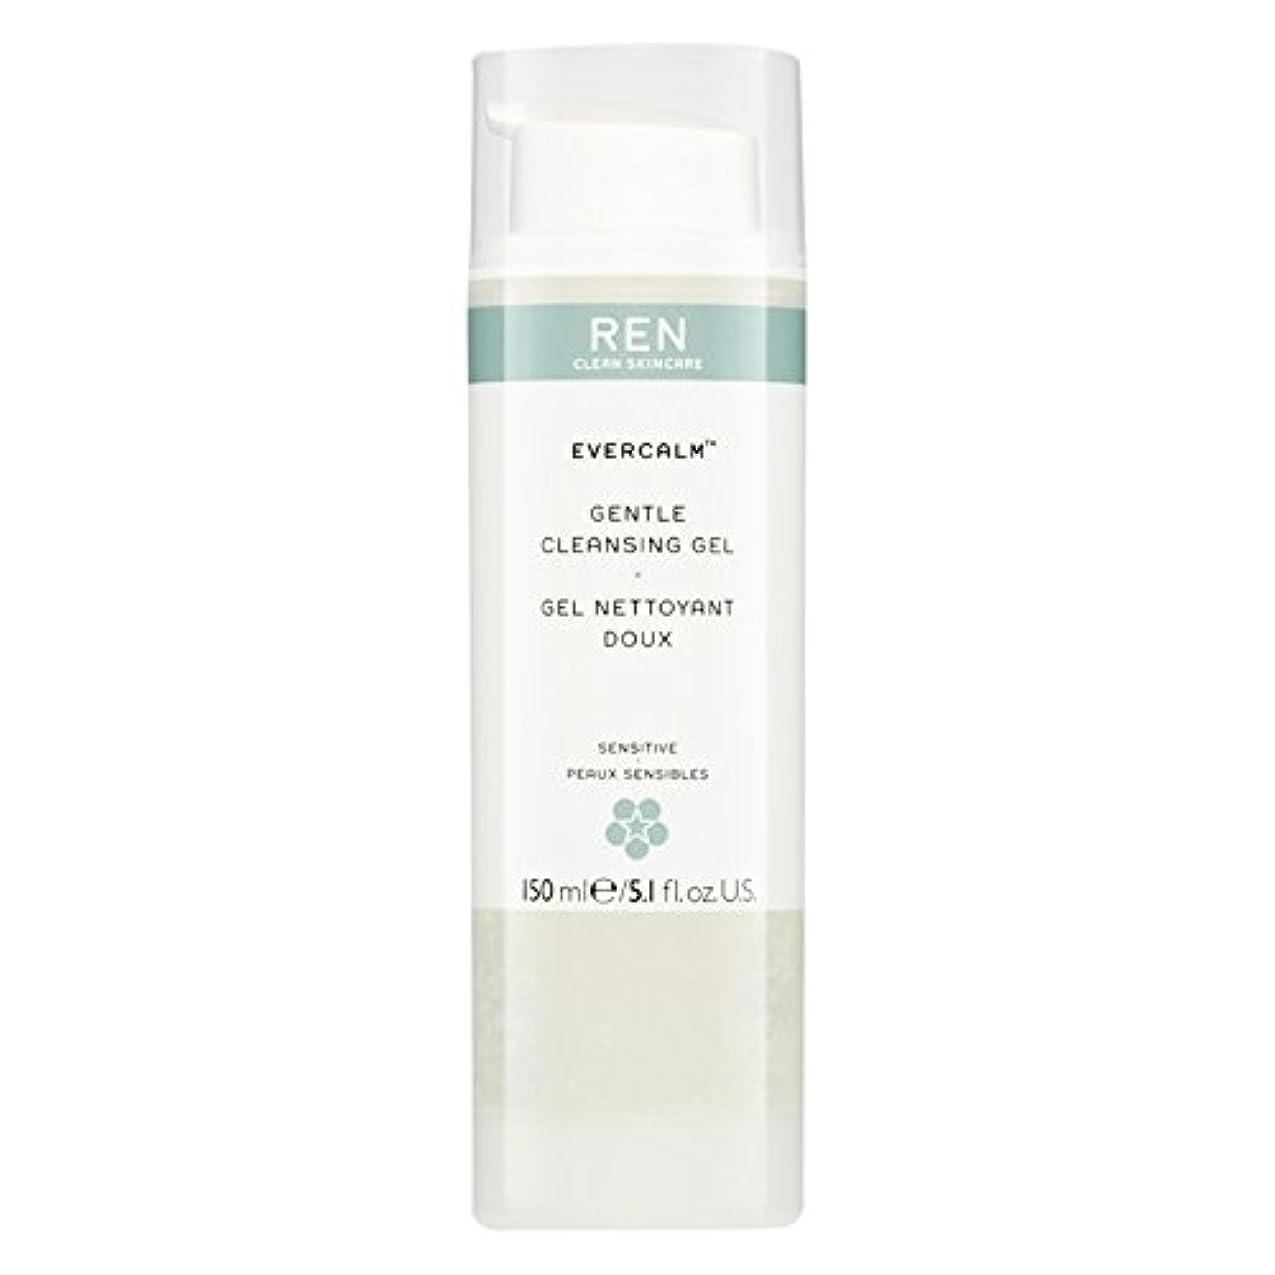 ロケット記念日不安Ren Evercalm優しいクレンジングジェル、150ミリリットル (REN) (x6) - REN Evercalm Gentle Cleansing Gel, 150ml (Pack of 6) [並行輸入品]